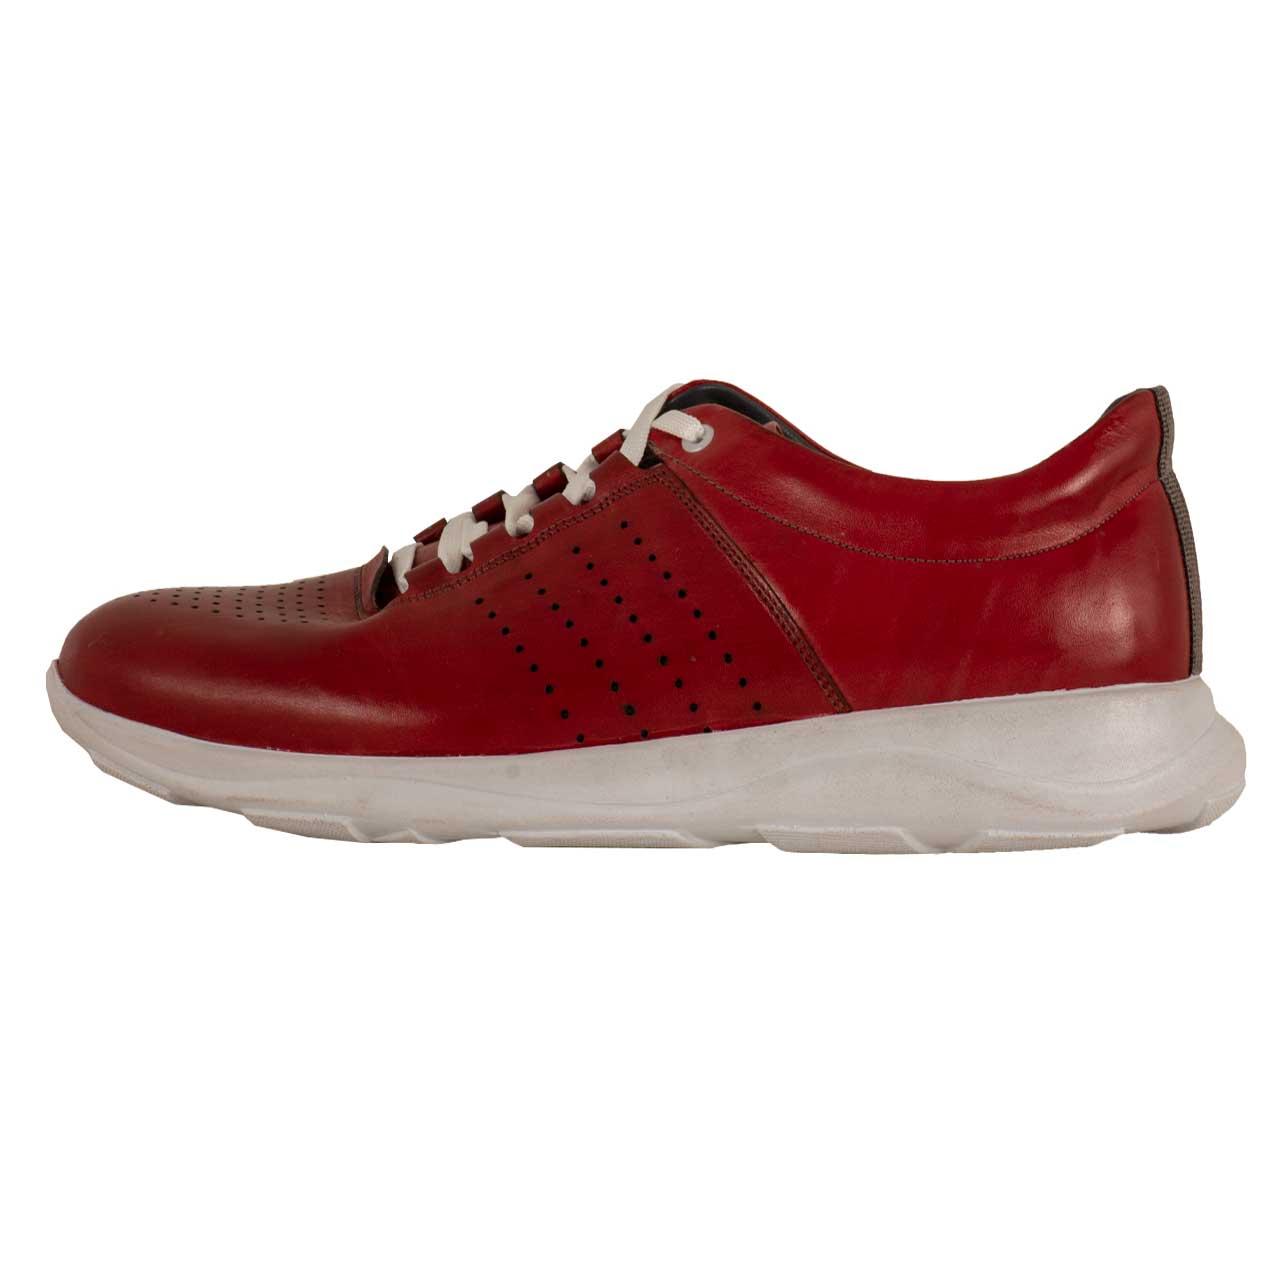 کفش روزمره مردانه پارینه چرم مدل SHO176-2